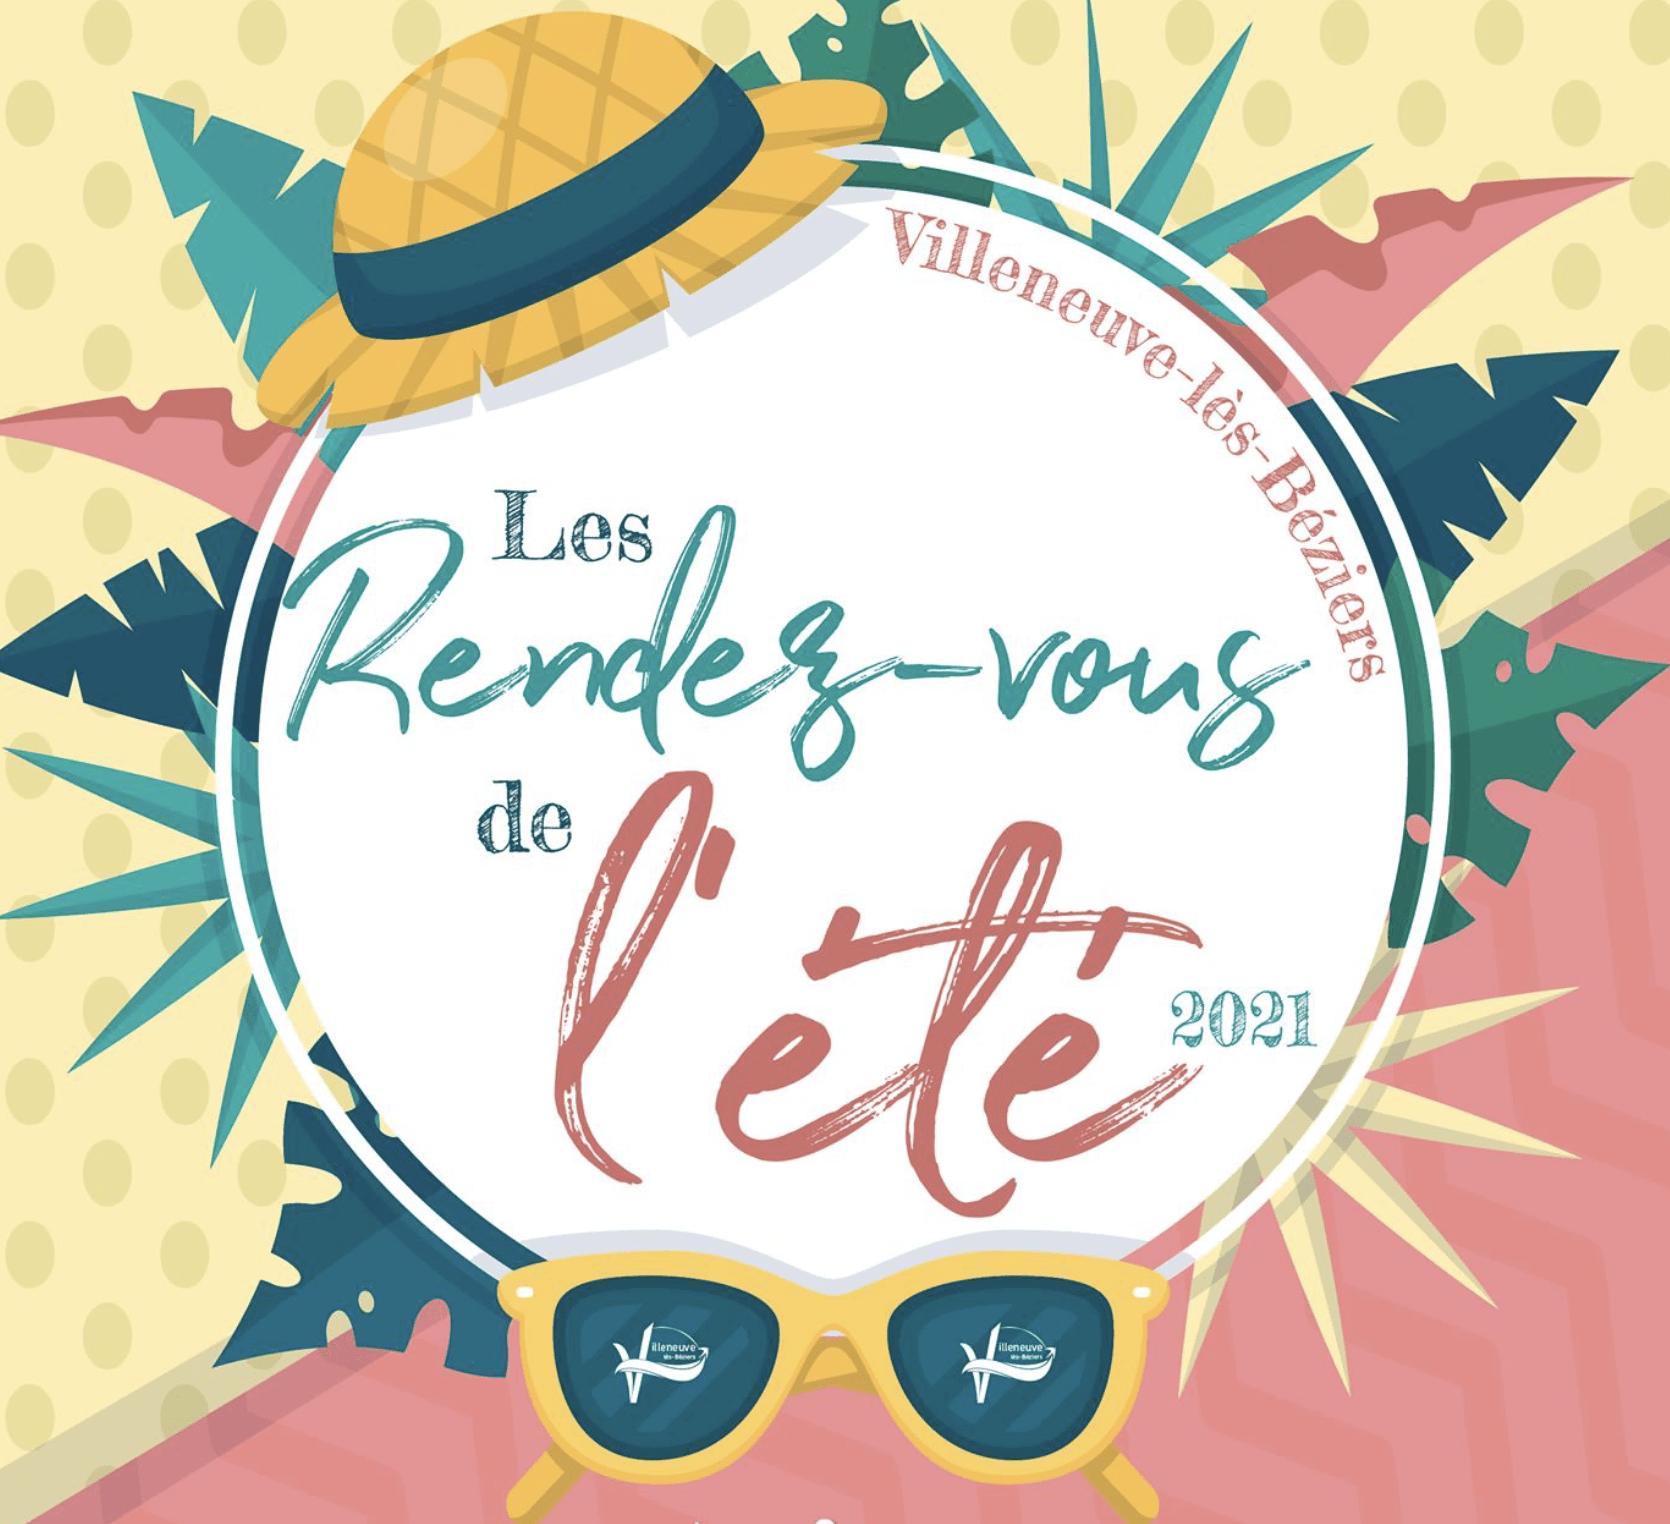 You are currently viewing Les rendez-vous de l'été